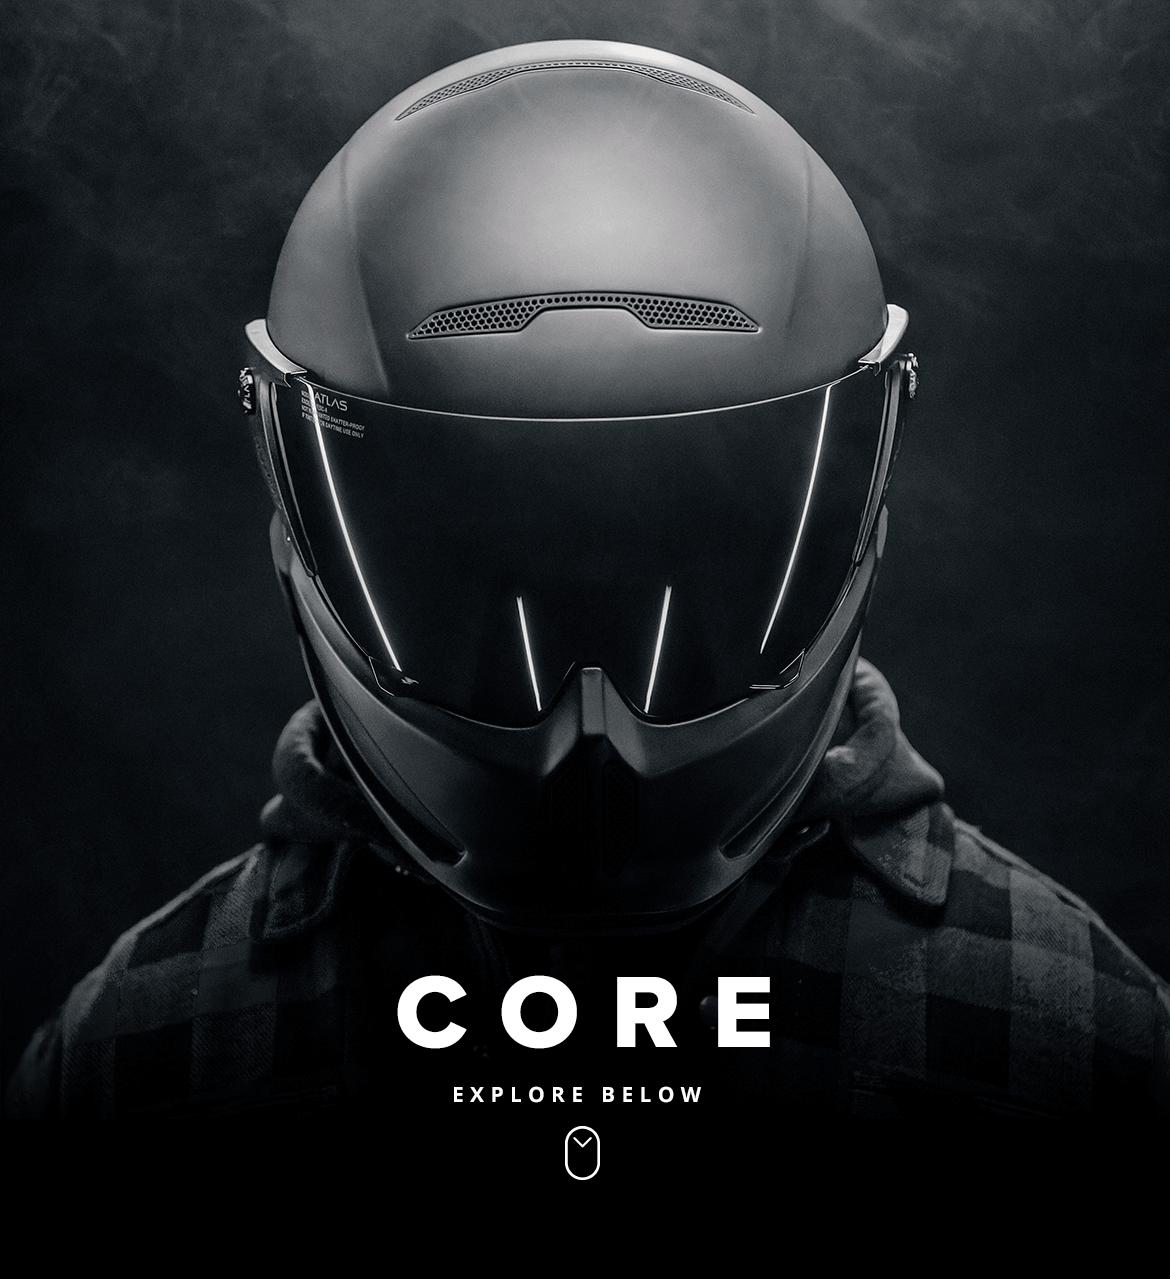 Atlas 1 0 Core Helmet Motorcycle Helmets Motorcycle Helmet Design